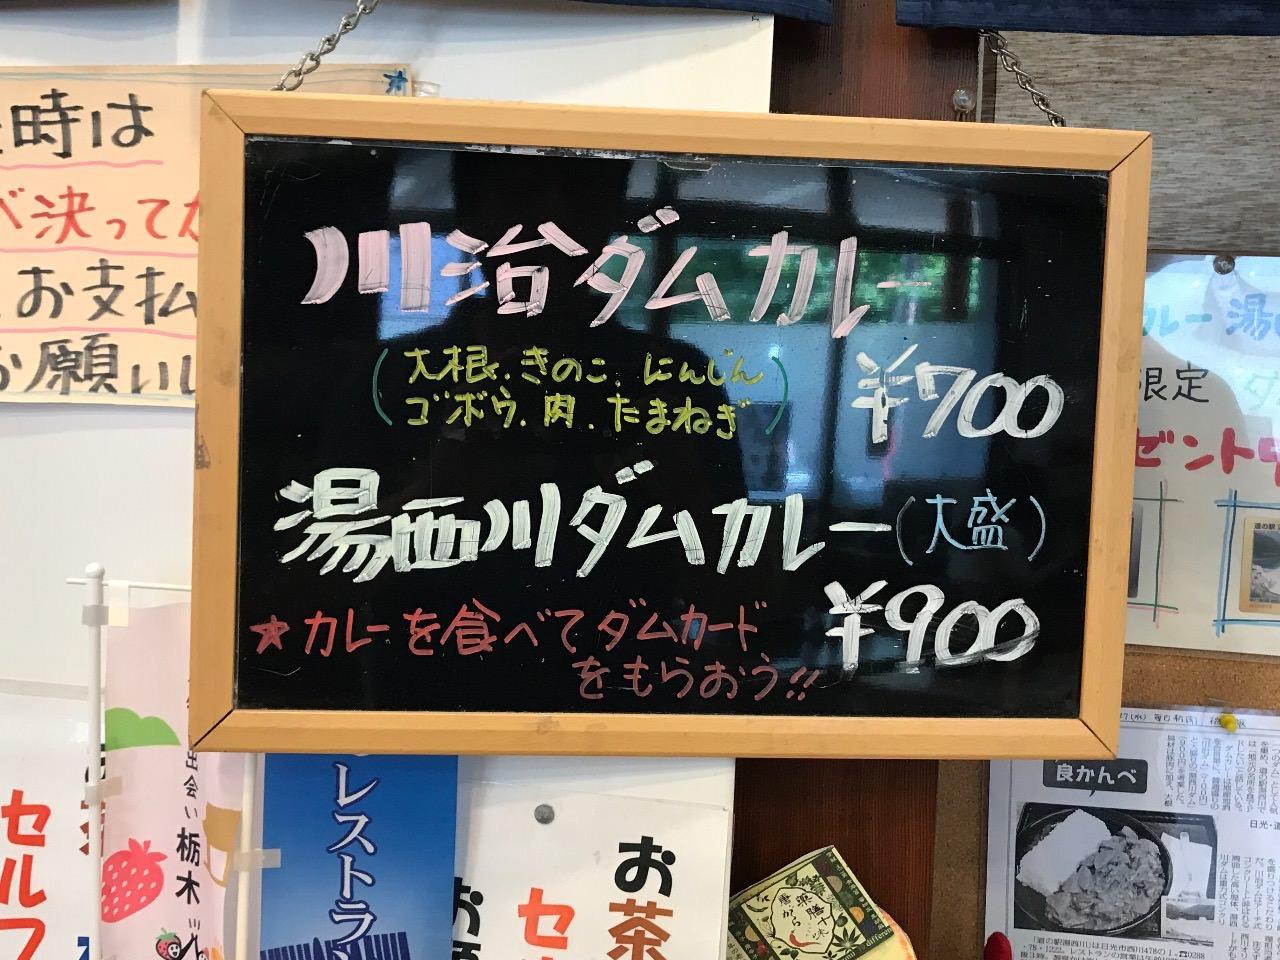 川治ダムカレー700円 湯西川ダムカレー900円